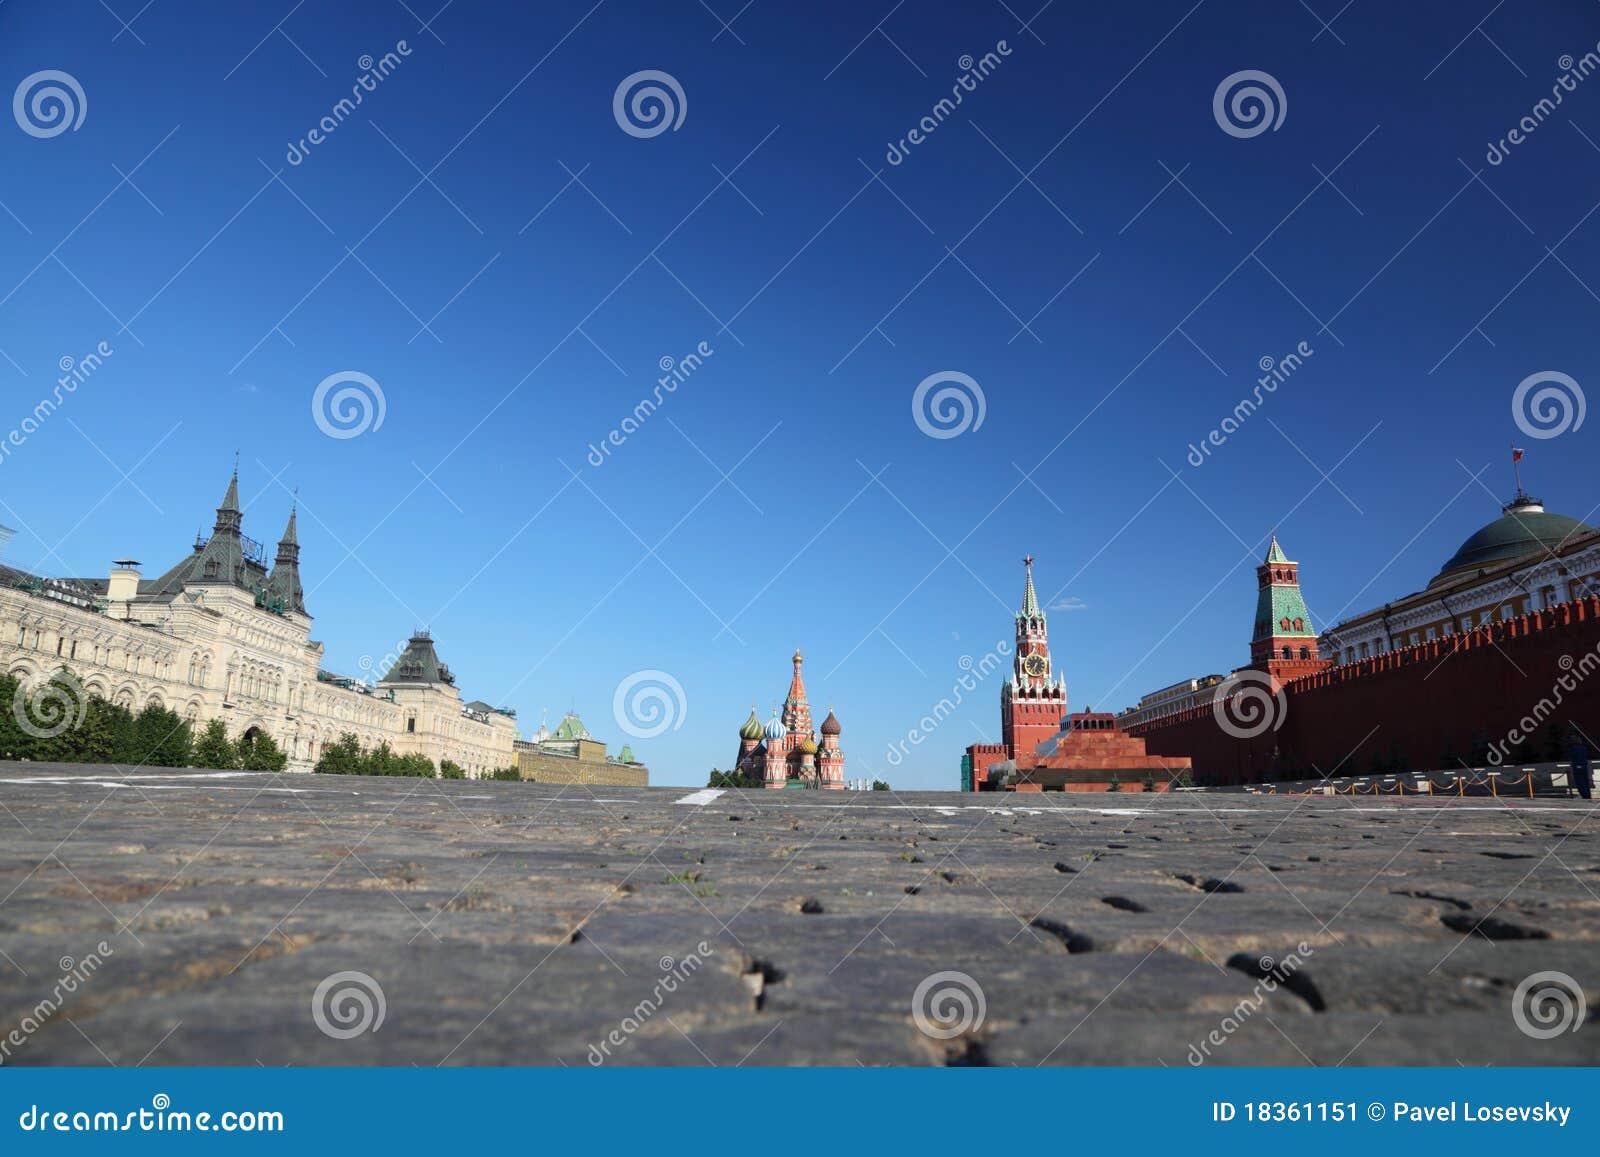 Rood Vierkant in Moskou